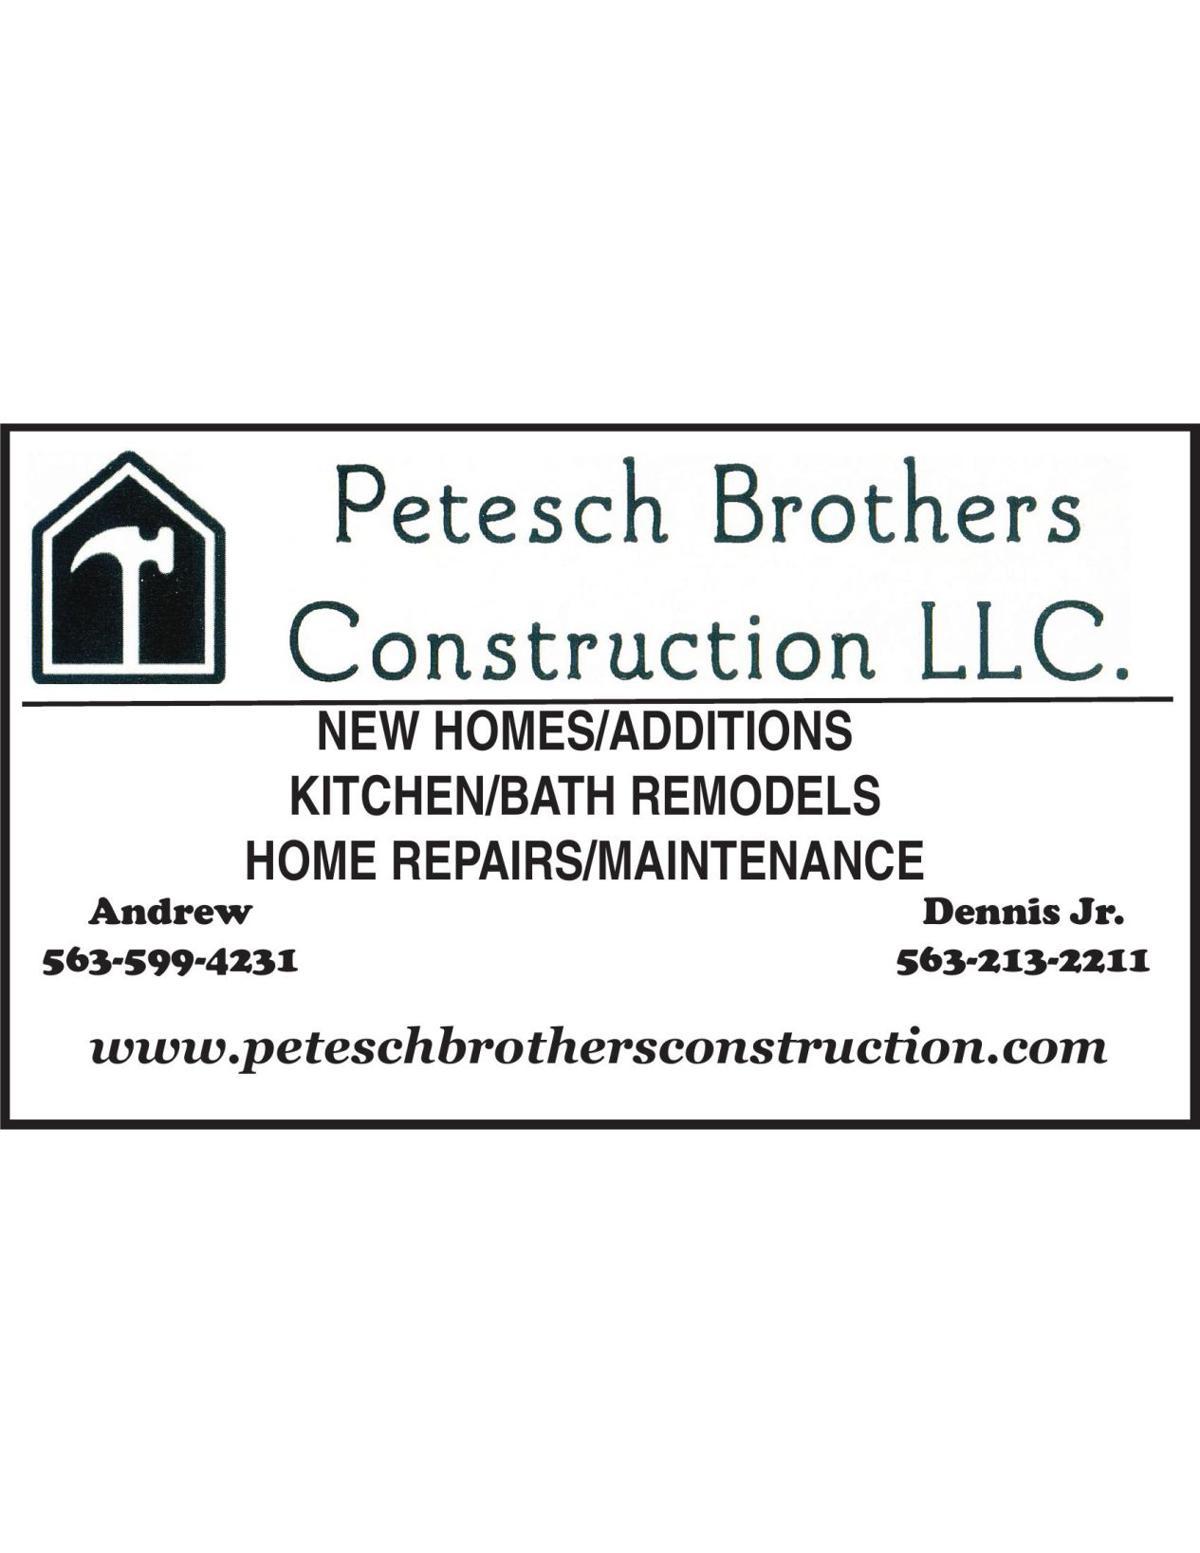 Petesch Brothers Construction LLC